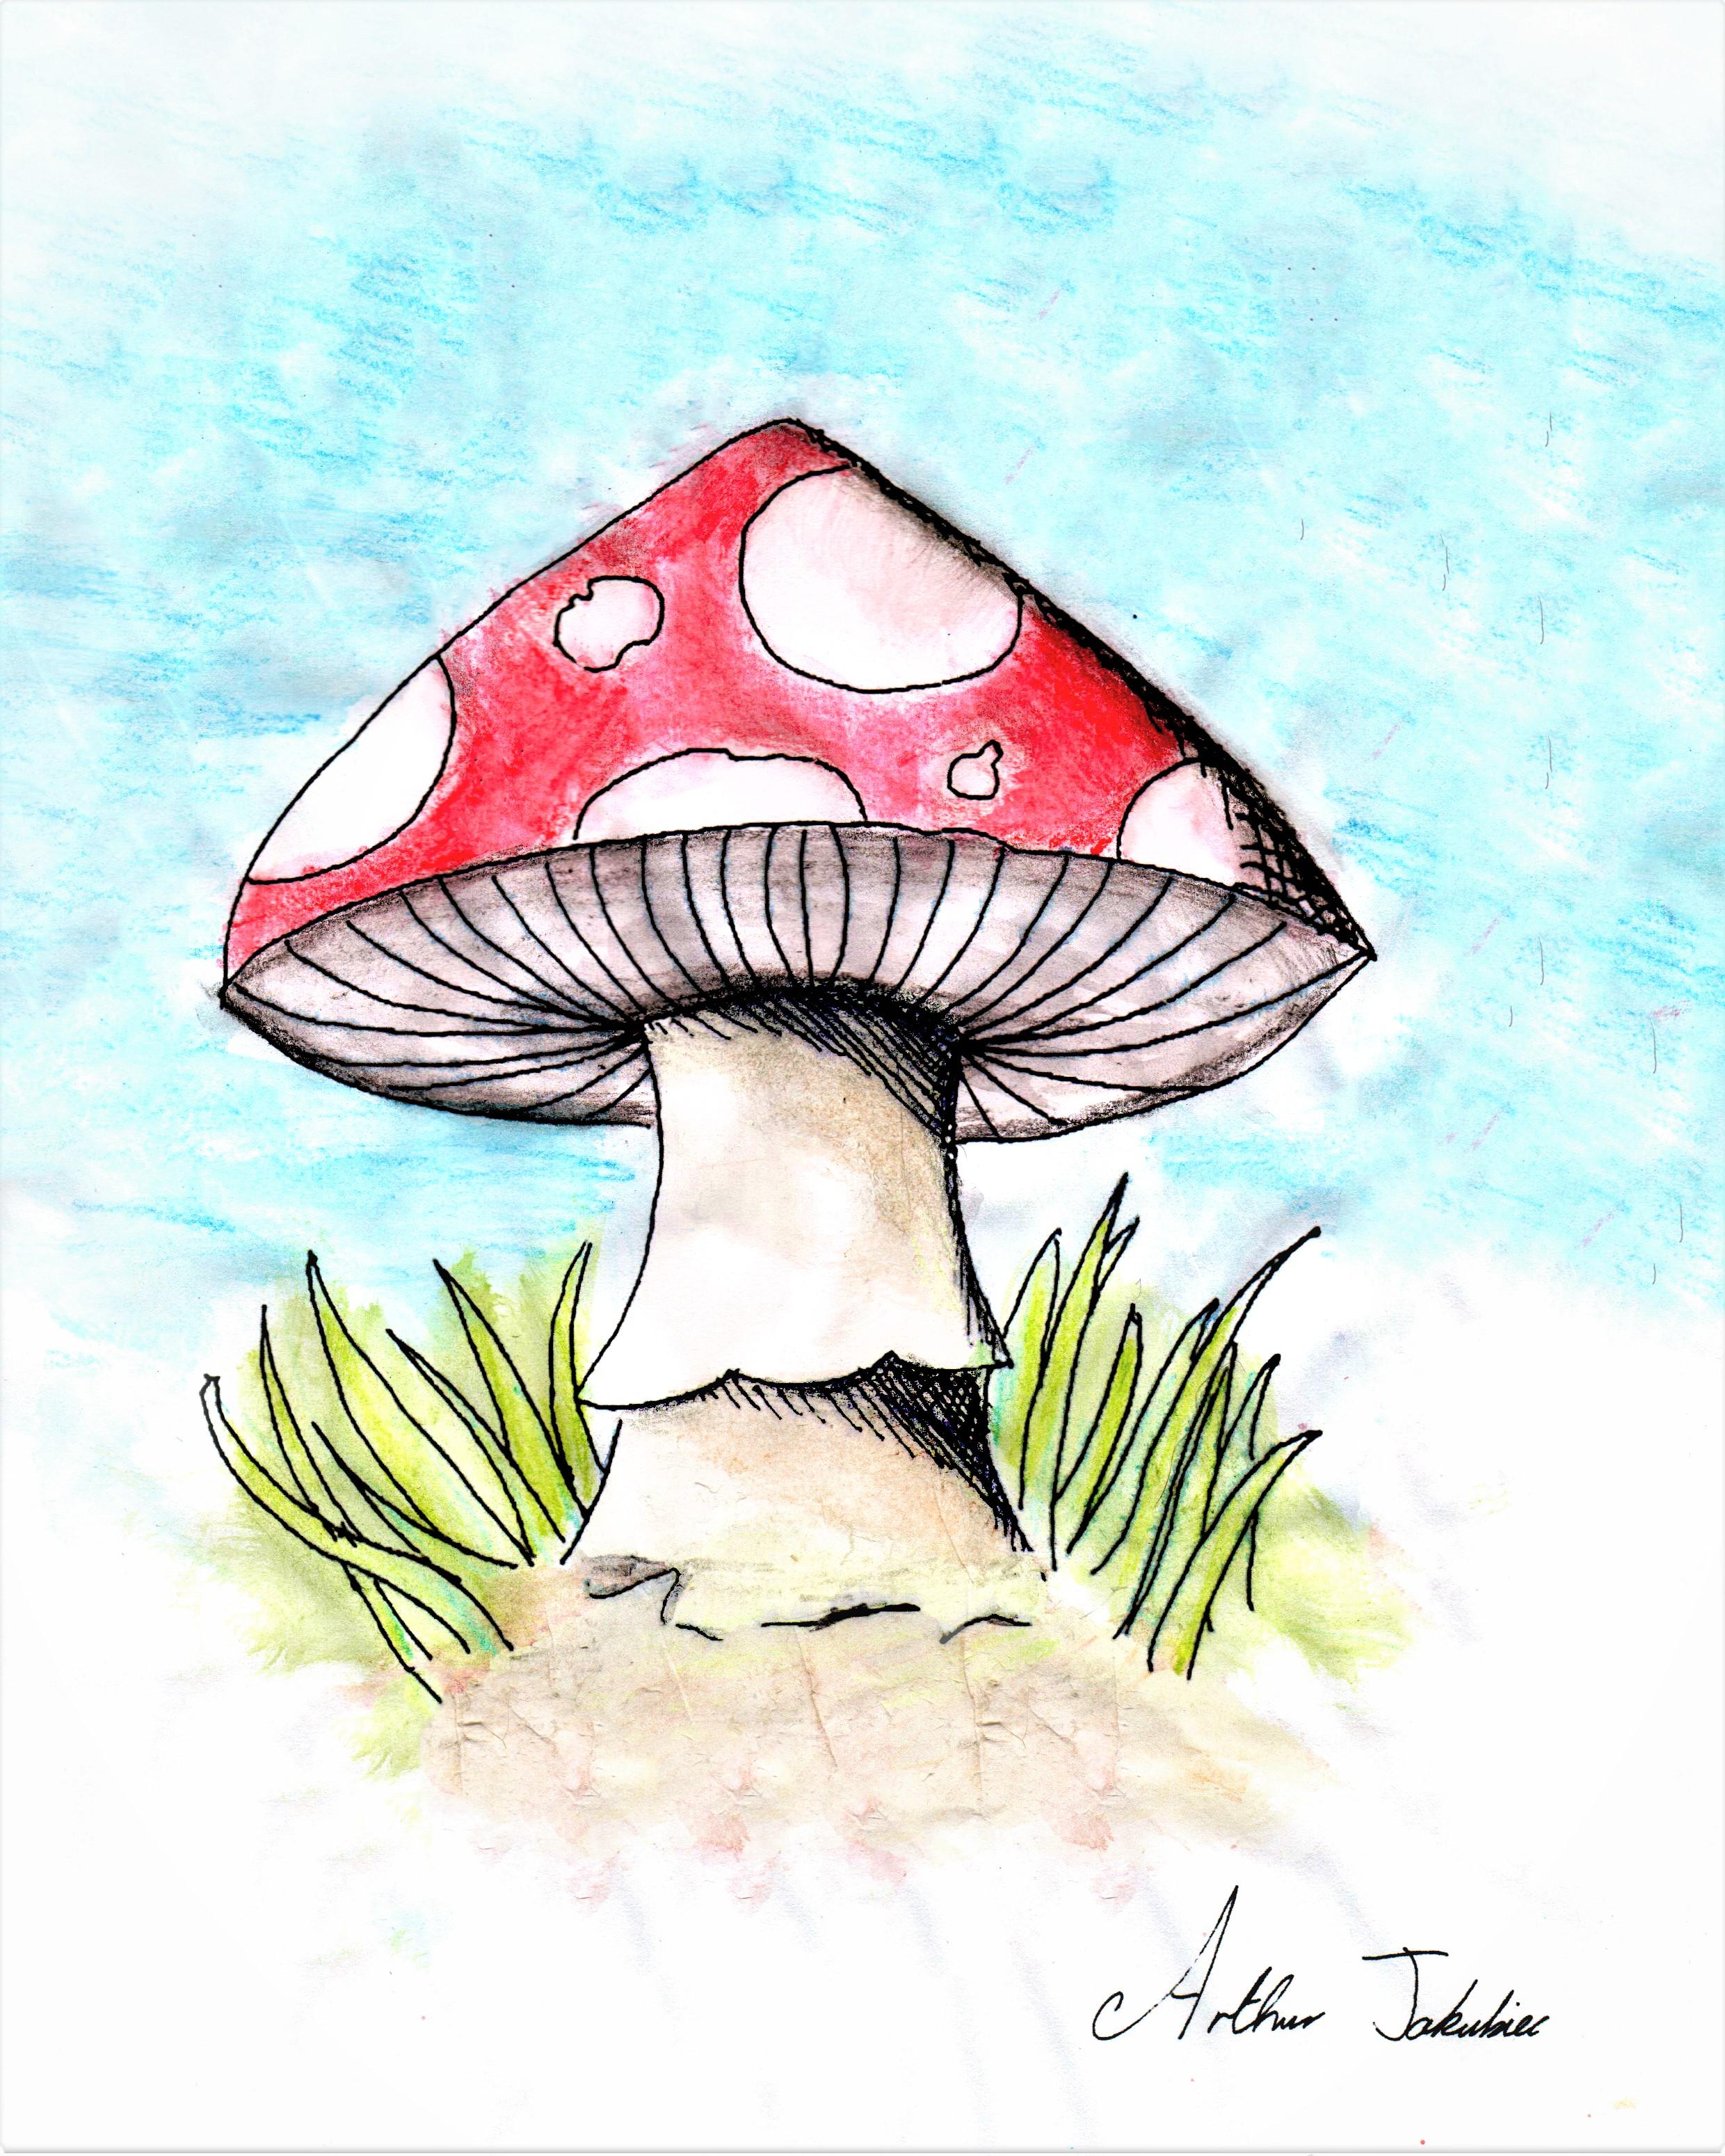 Also A mushroom